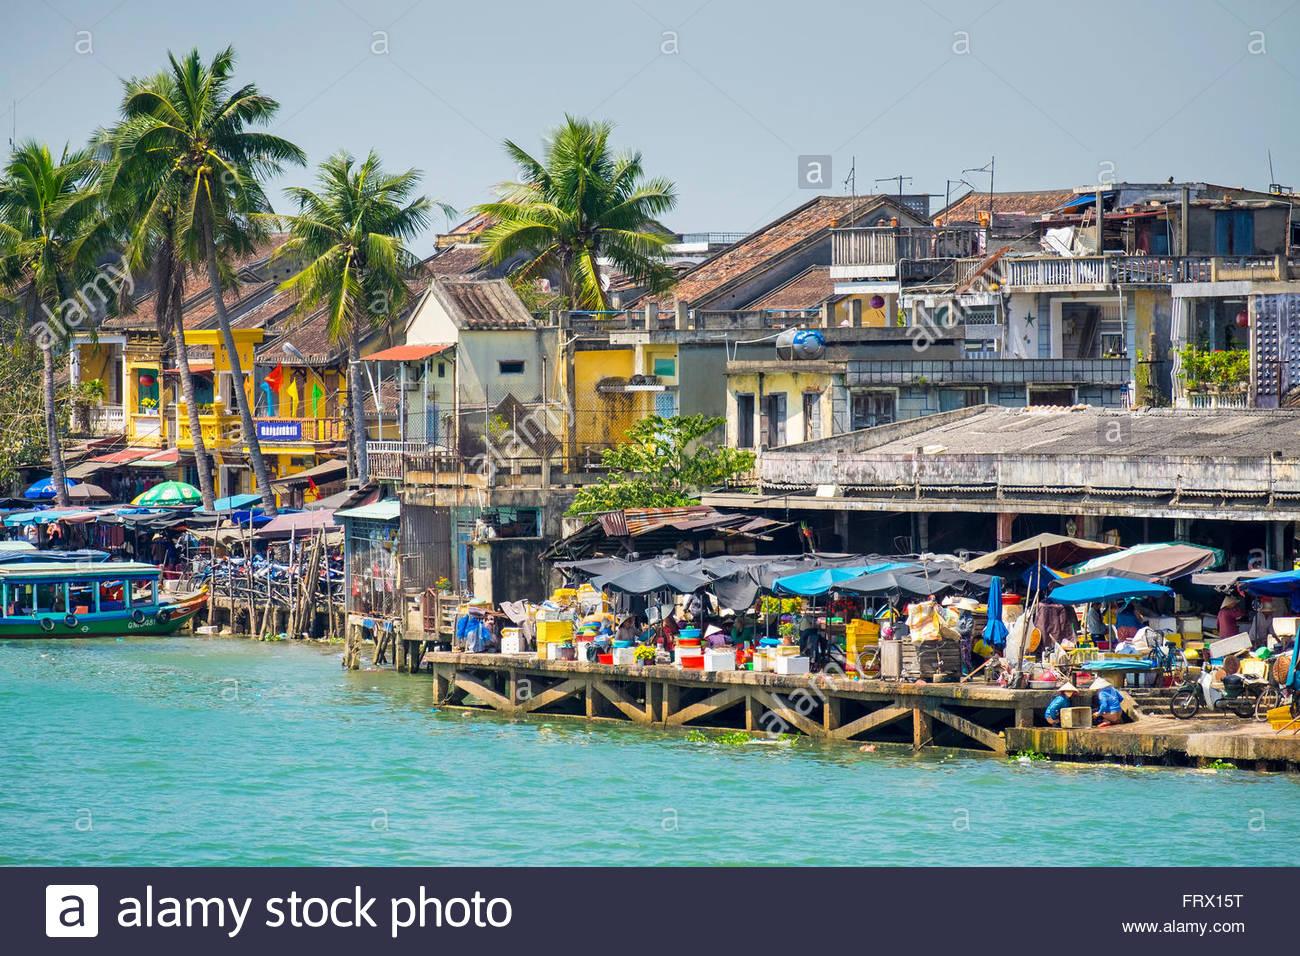 Ville de Hoi An sur la rivière Thu Bon, Province de Quang Nam, Vietnam Photo Stock